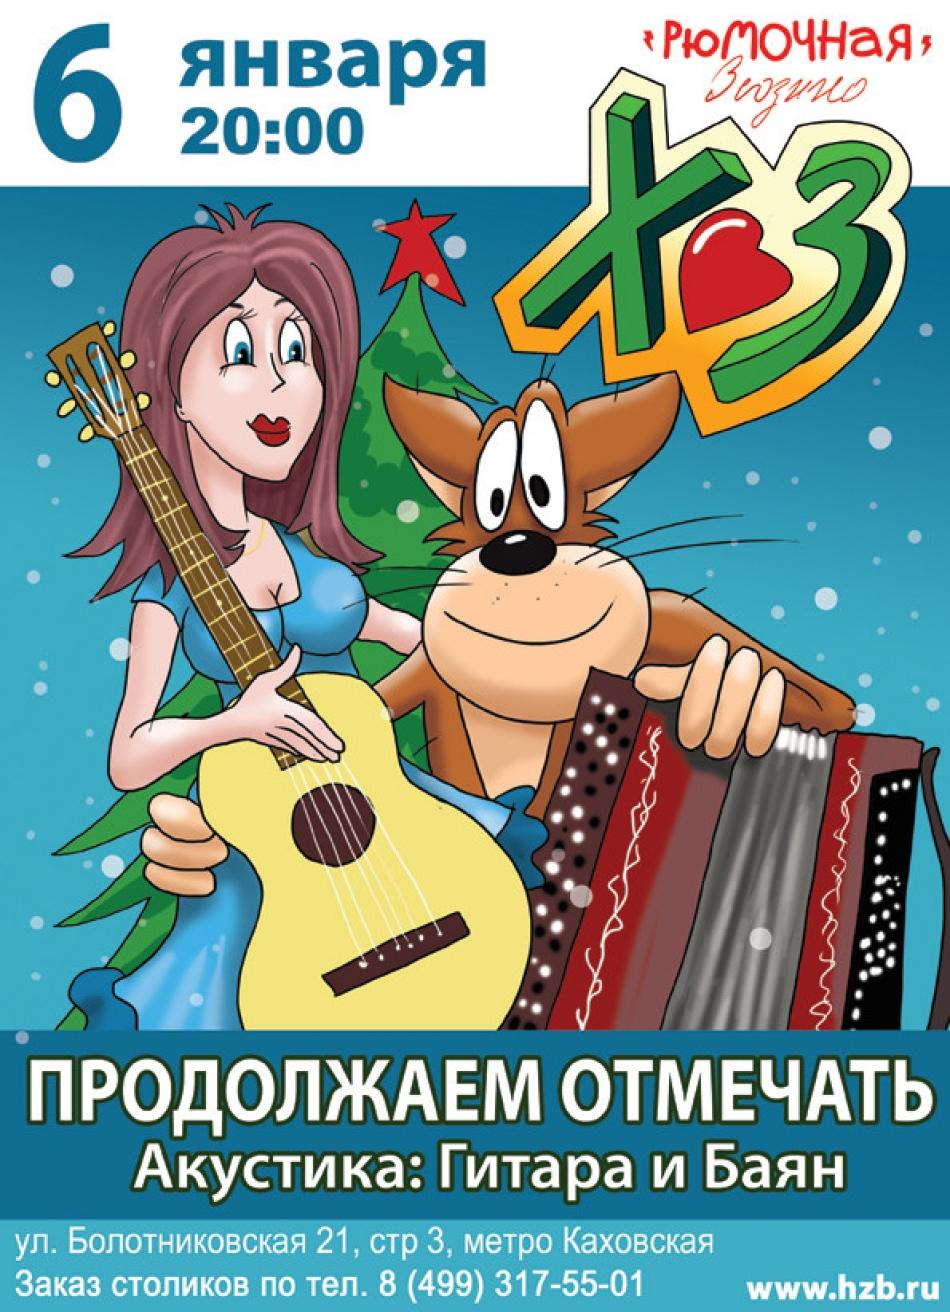 ХЗ Акустика: Гитара и Баян